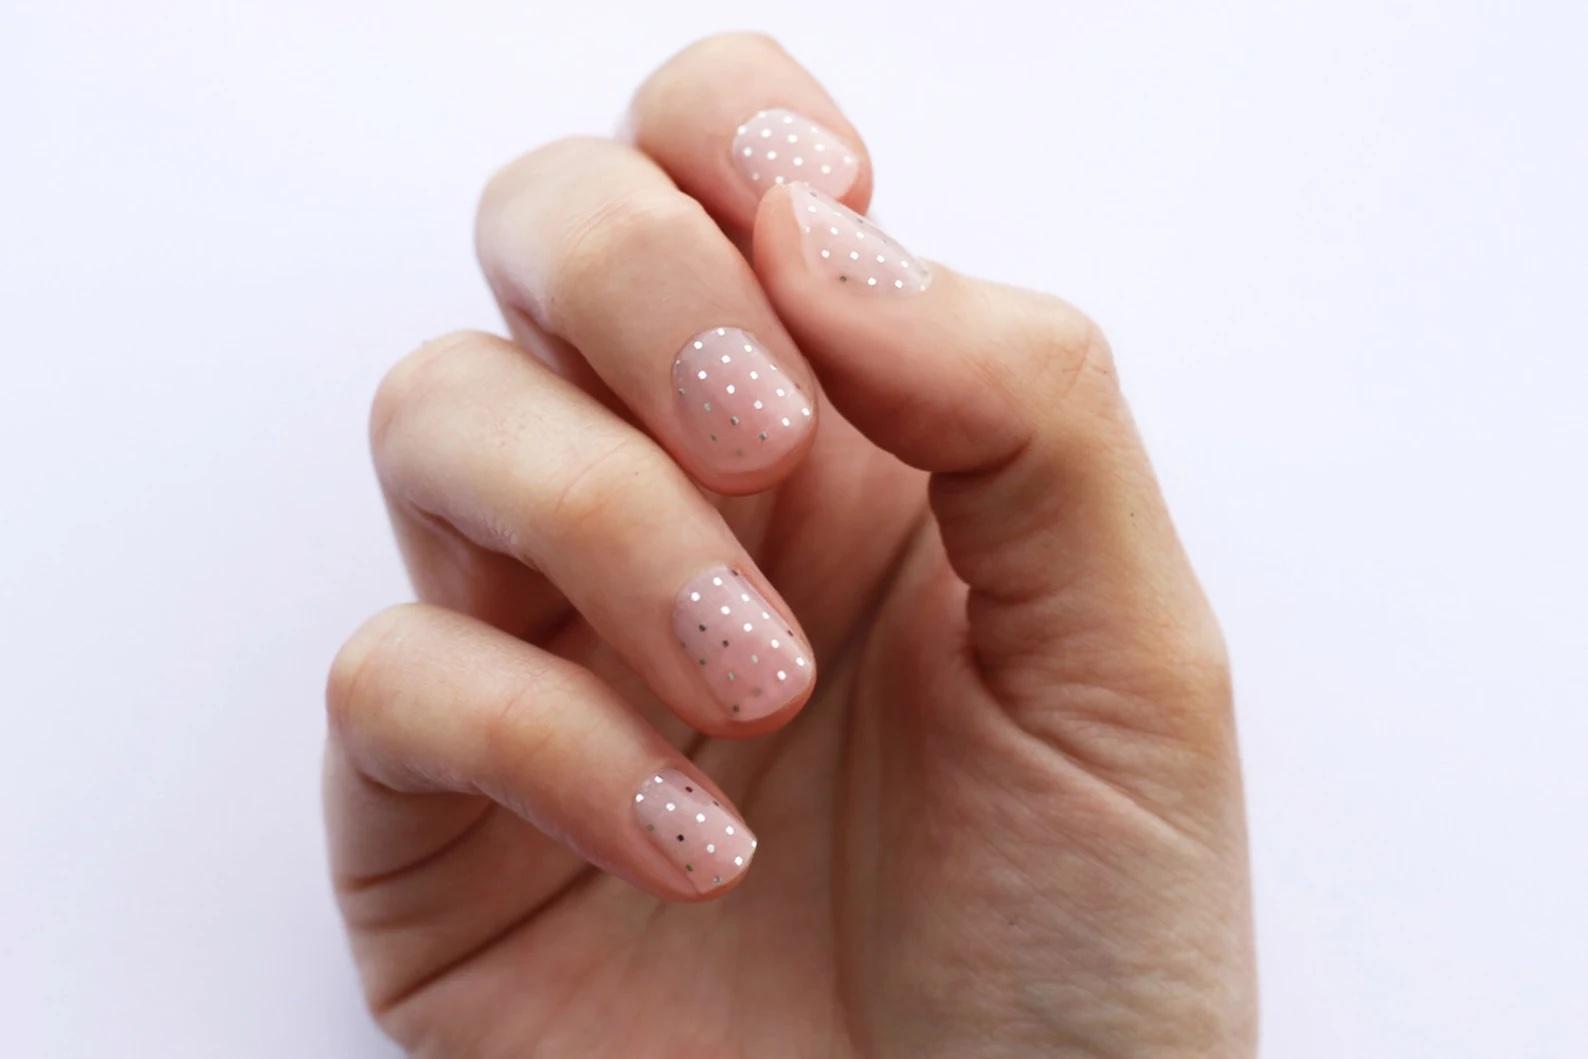 Tendencias en manicure para novias 2021 2022 - Etsy - Wedding Hub - 010